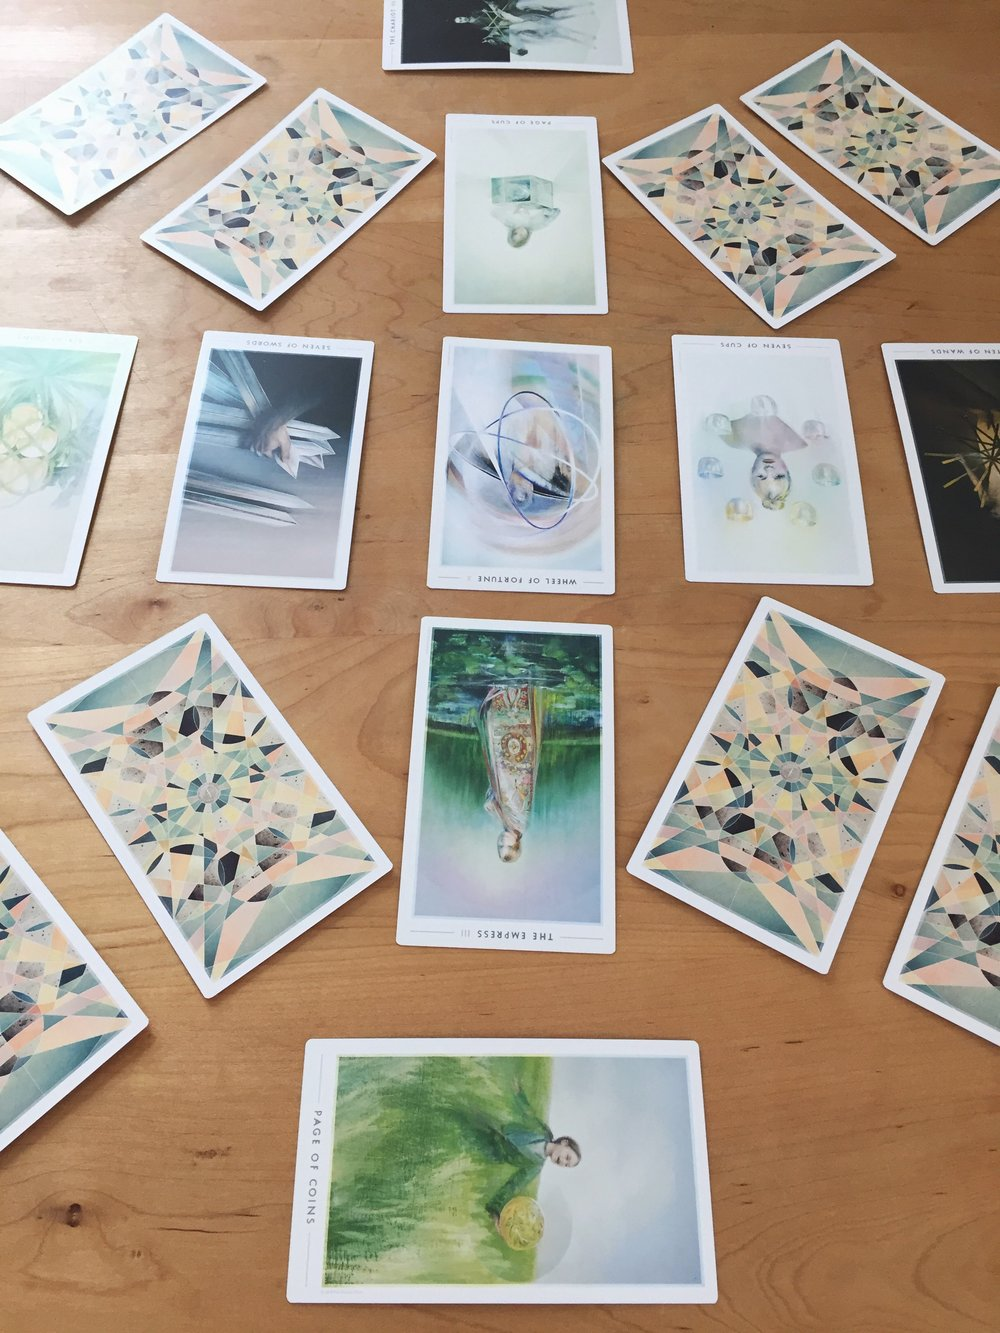 So many cards! (From the Fountain Tarot)